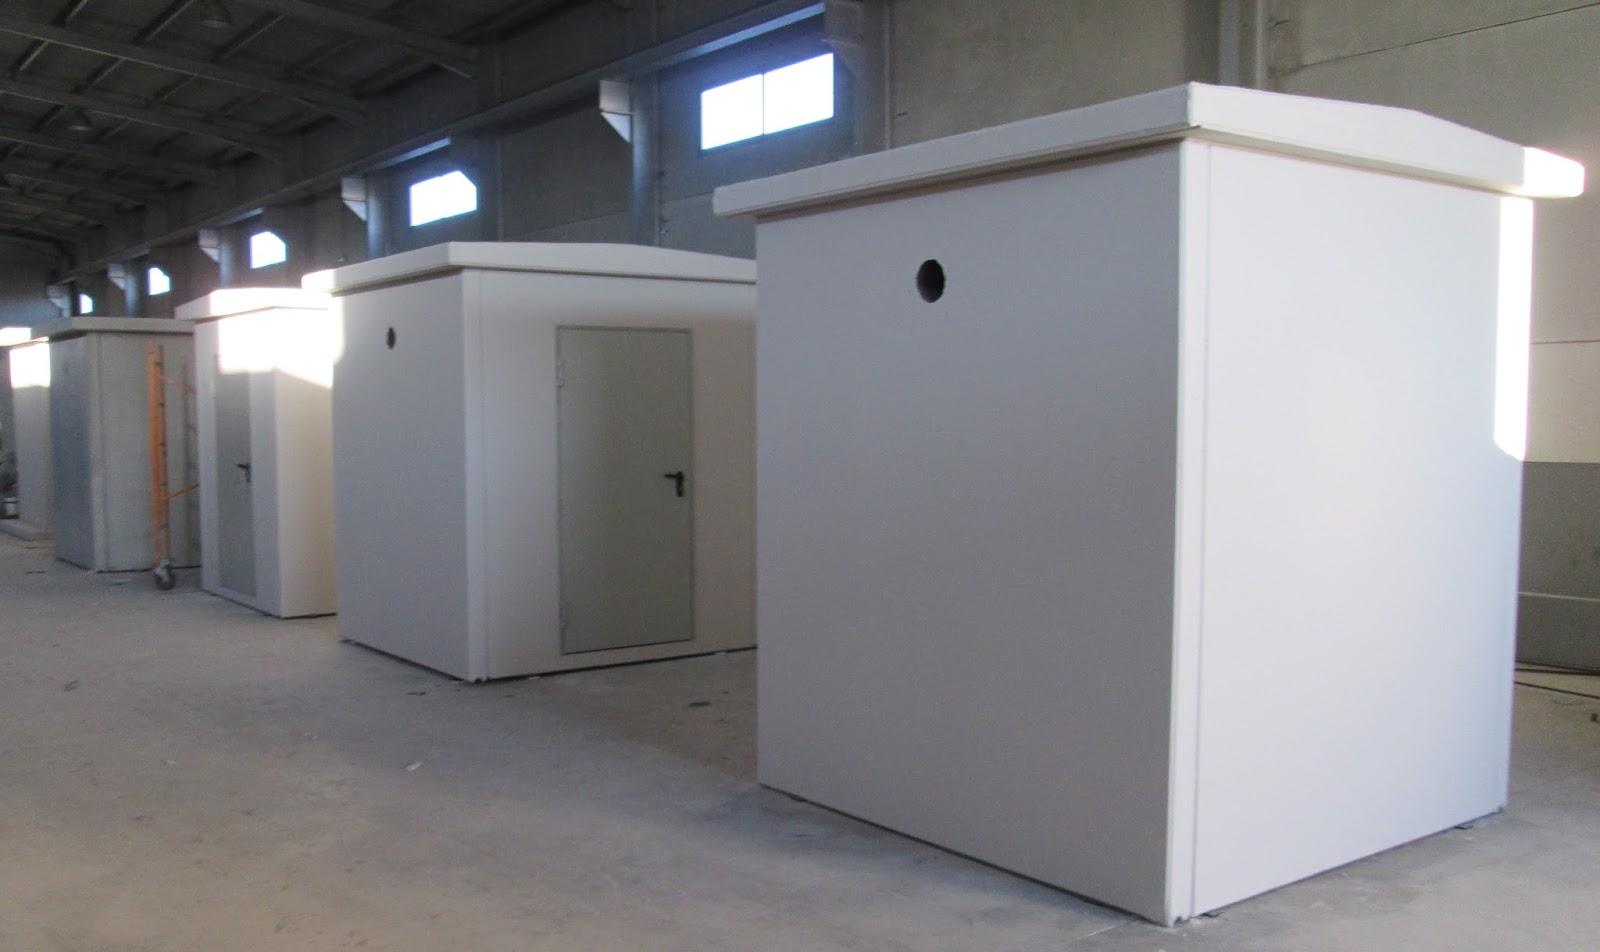 Casetas grandes y peque as de hormig n obras naves y for Casetas prefabricadas pequenas